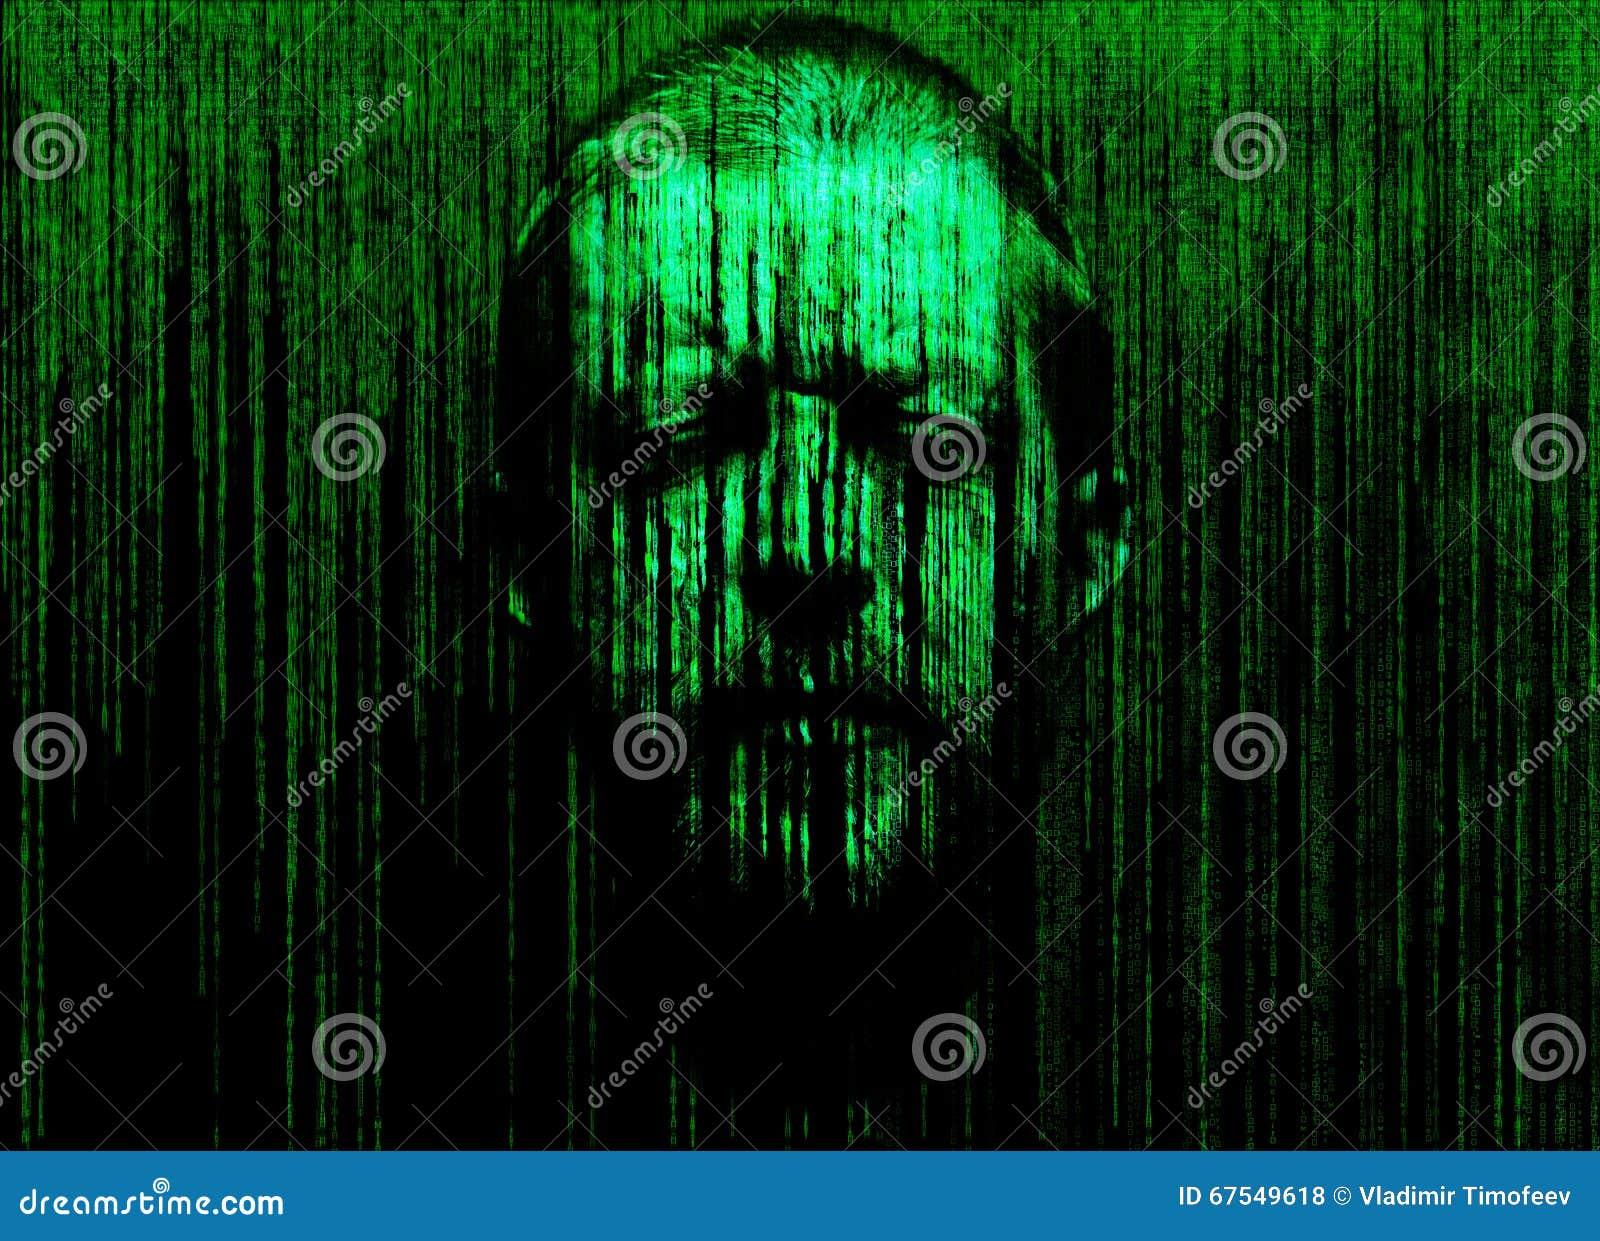 Le visage de l homme avec des yeux s est fermé, immergé dans une matrice de code binaire